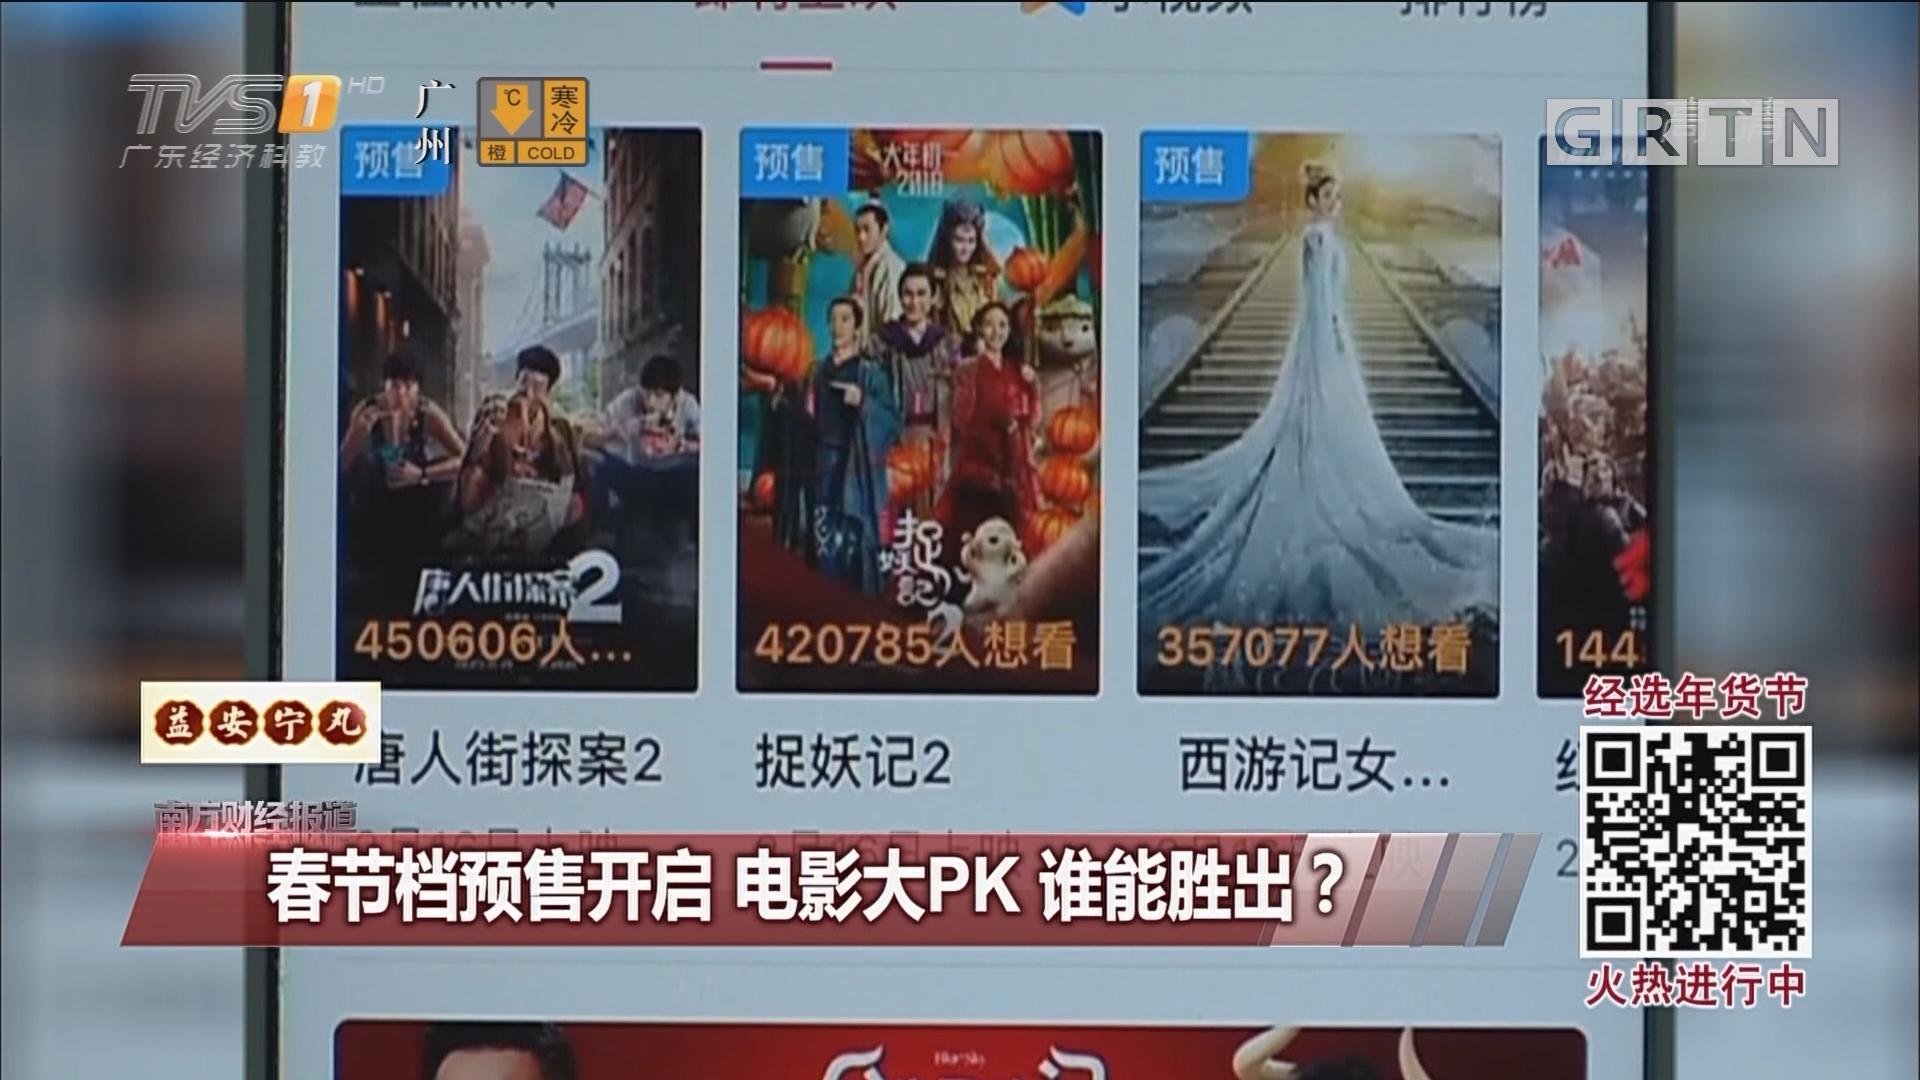 春节档预售开启 电影大PK 谁能胜出?